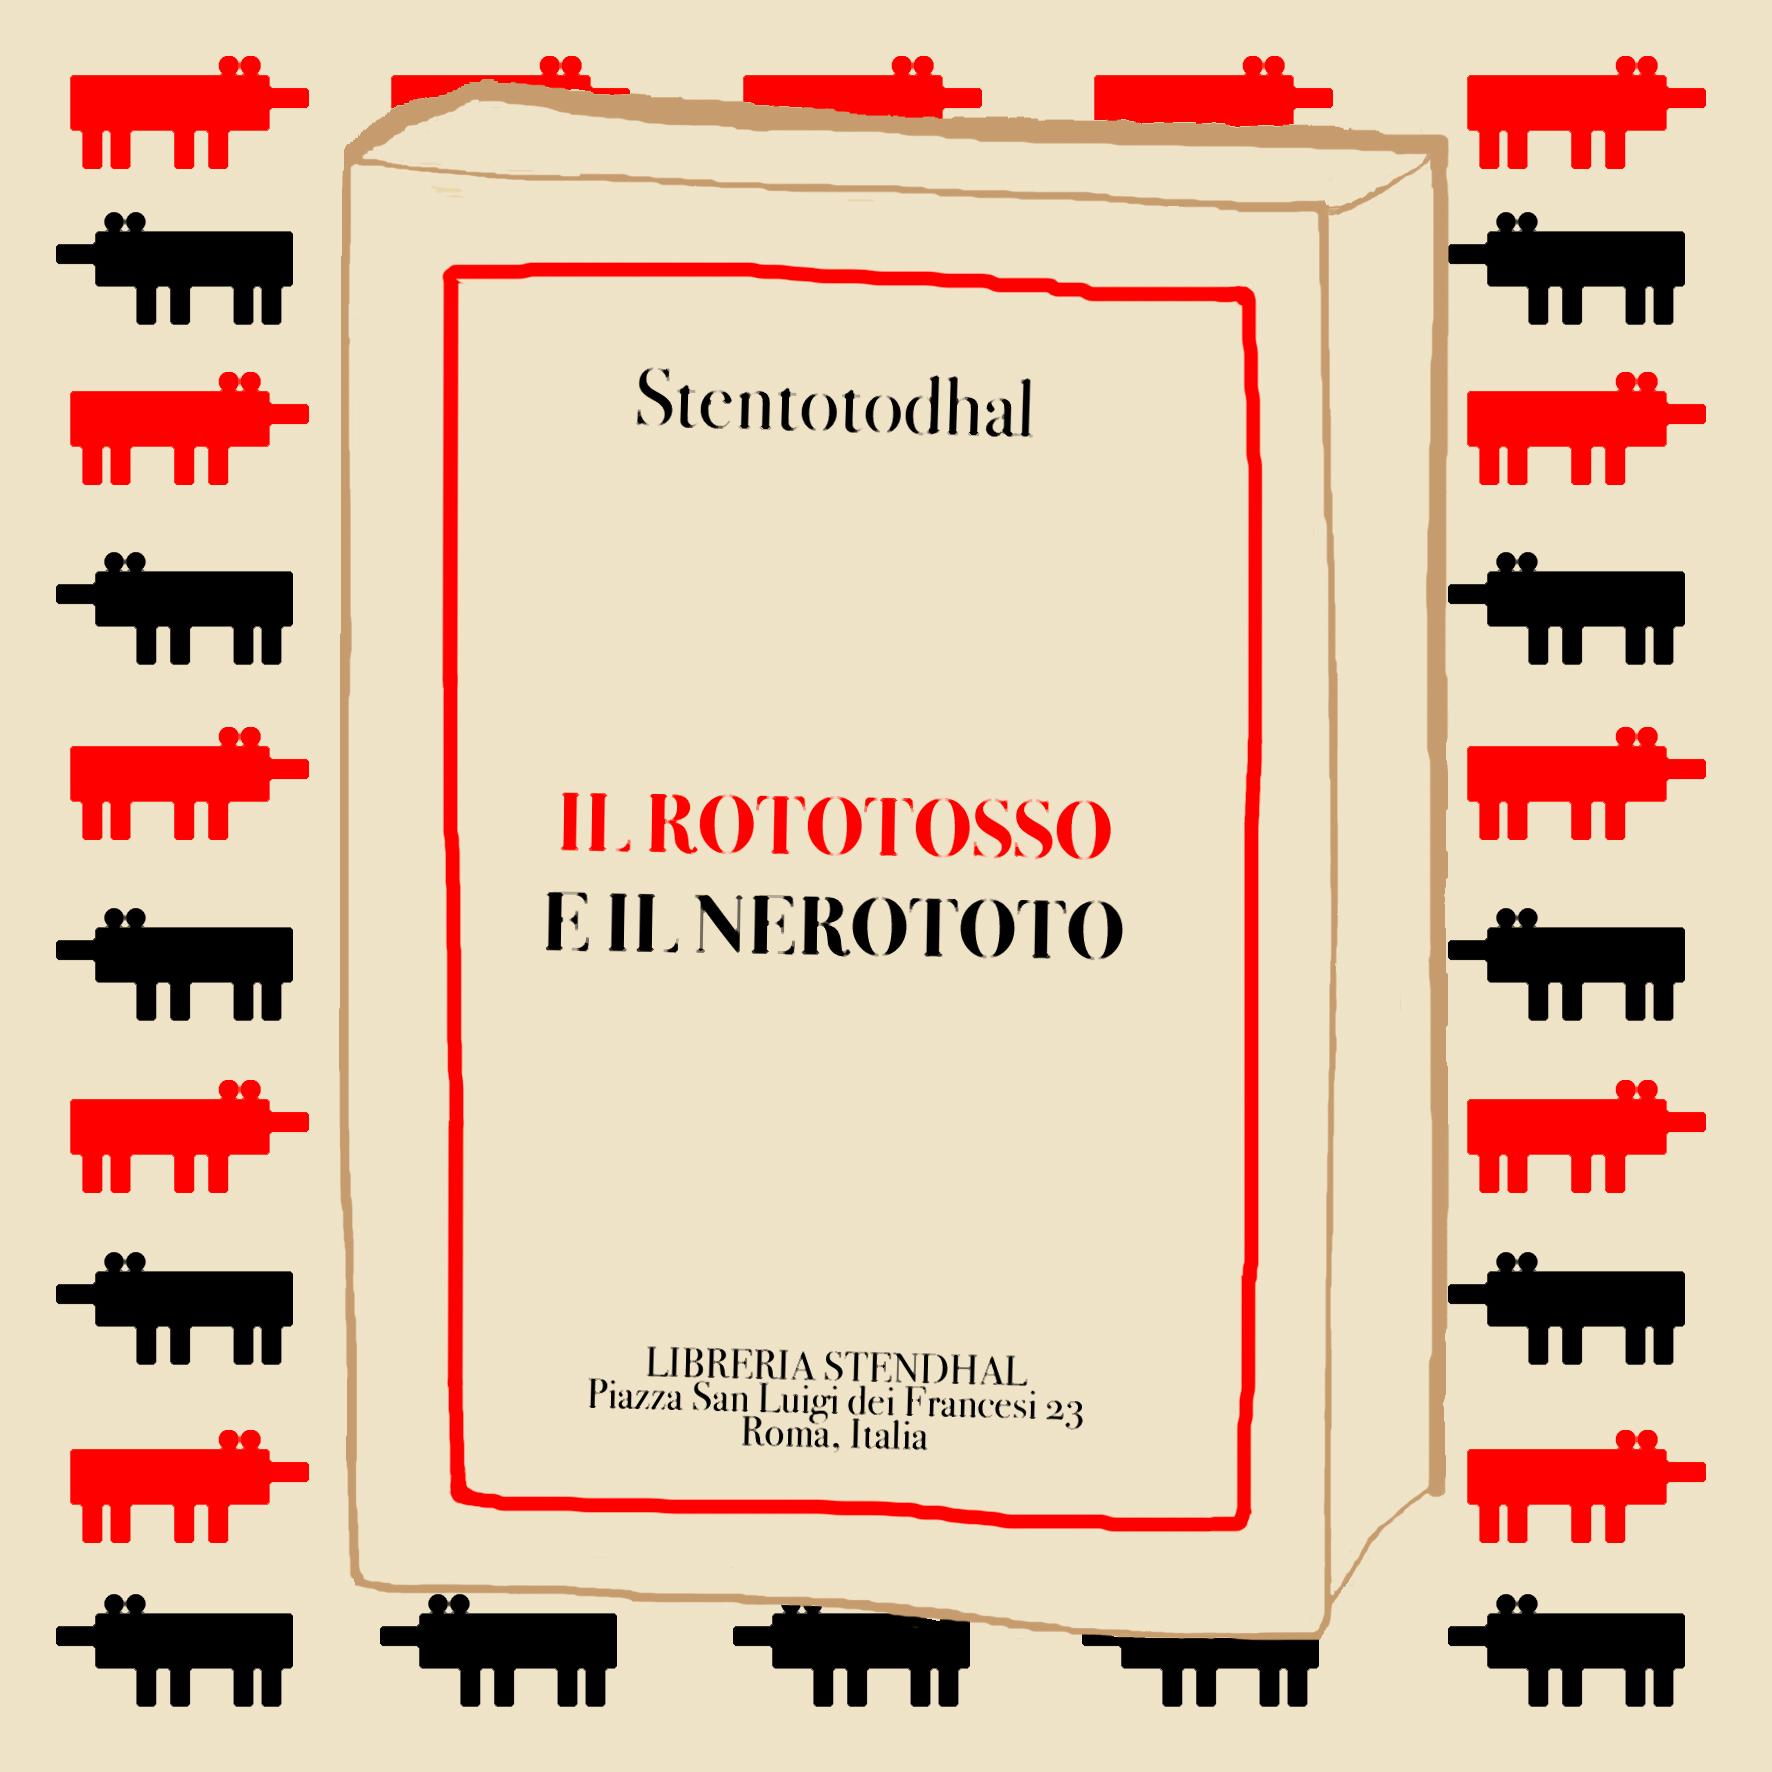 elPrototo